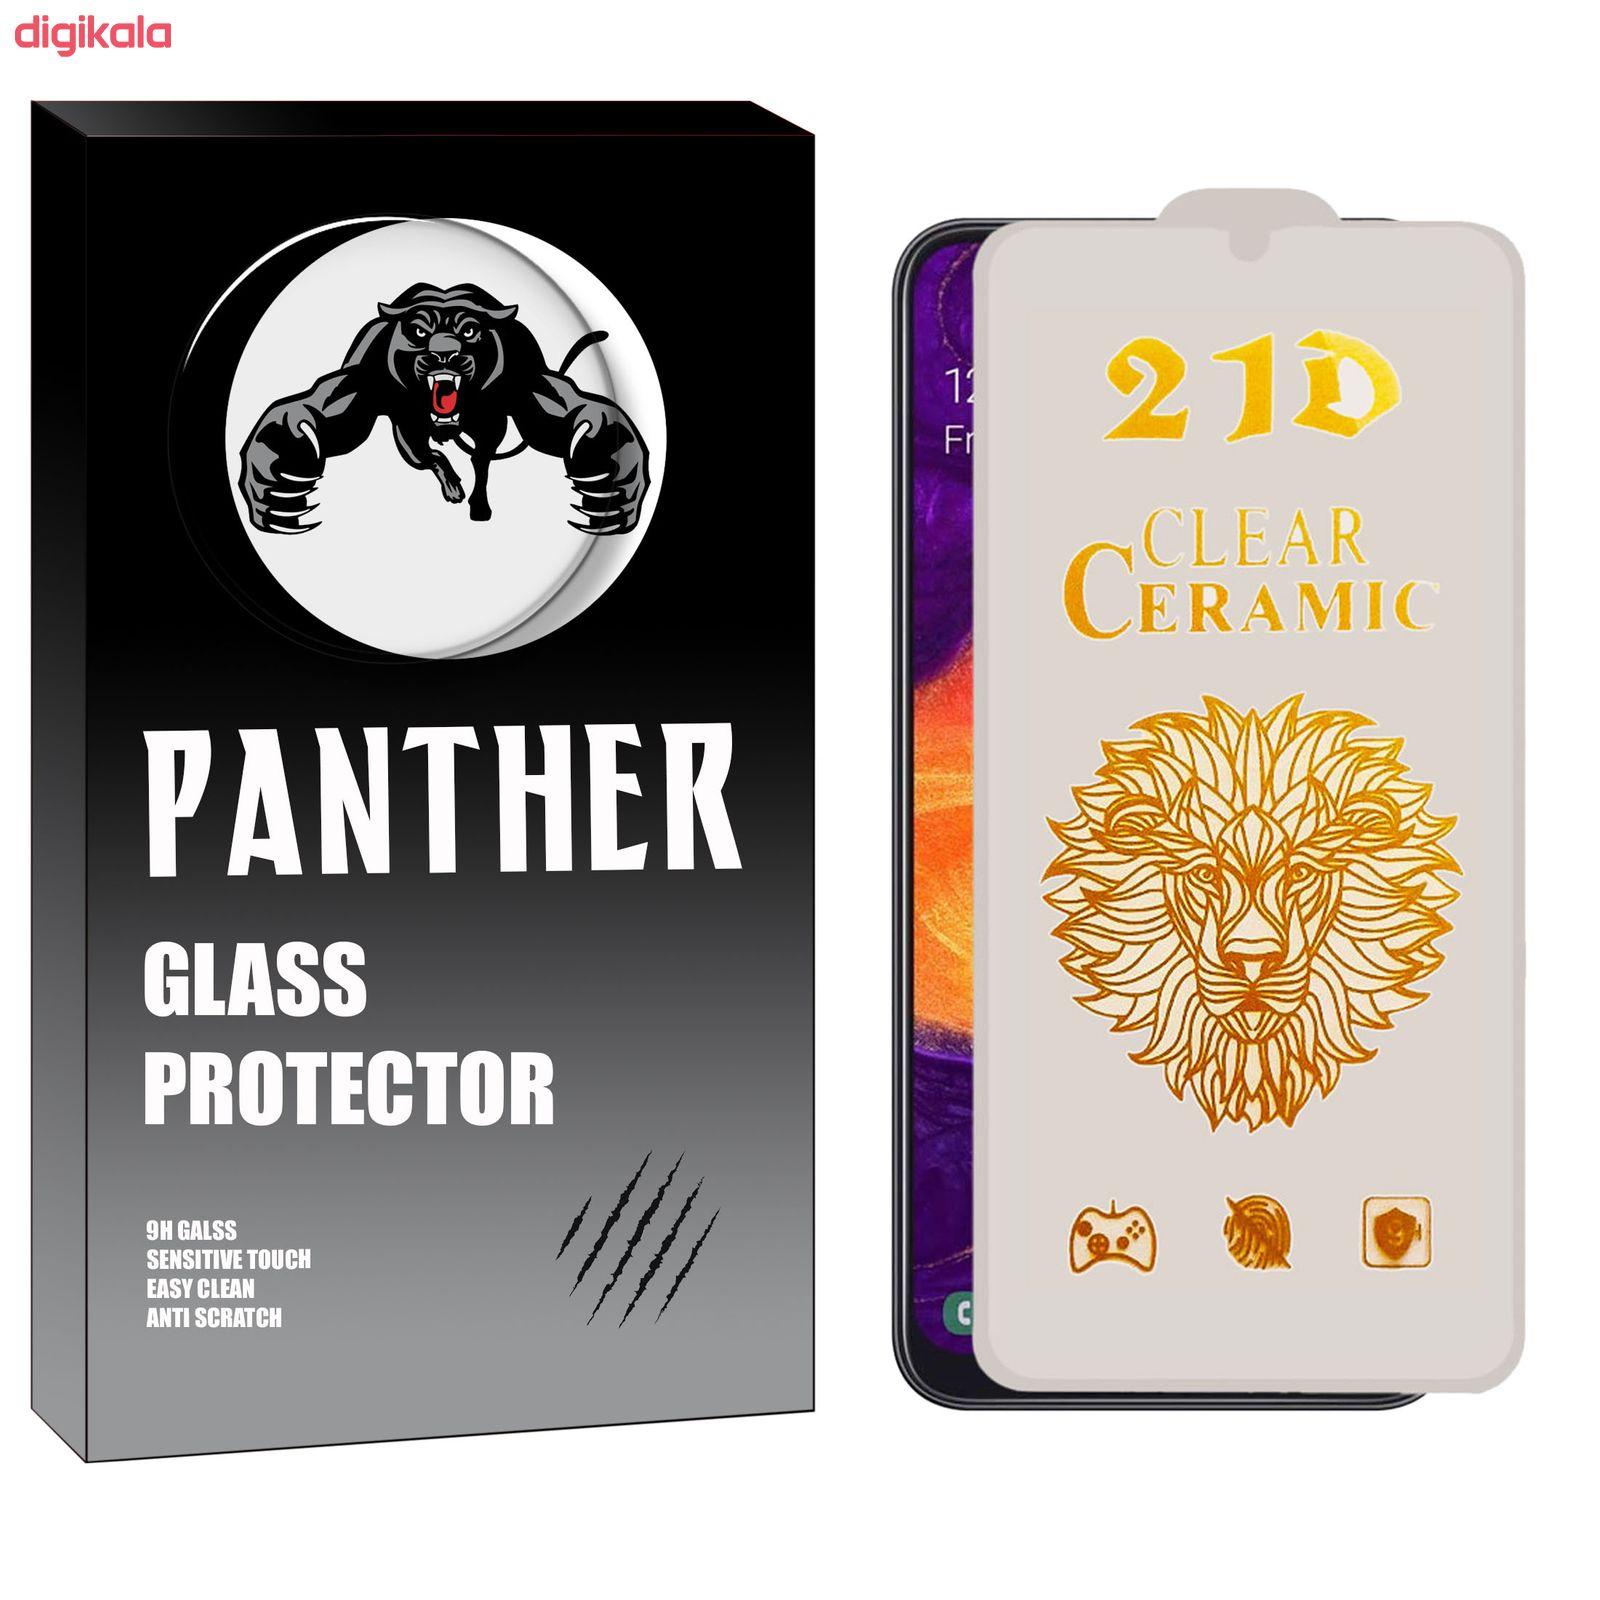 محافظ صفحه نمایش سرامیکی پنتر مدل CER-CL مناسب برای گوشی موبایل سامسونگ Galaxy A31 main 1 1